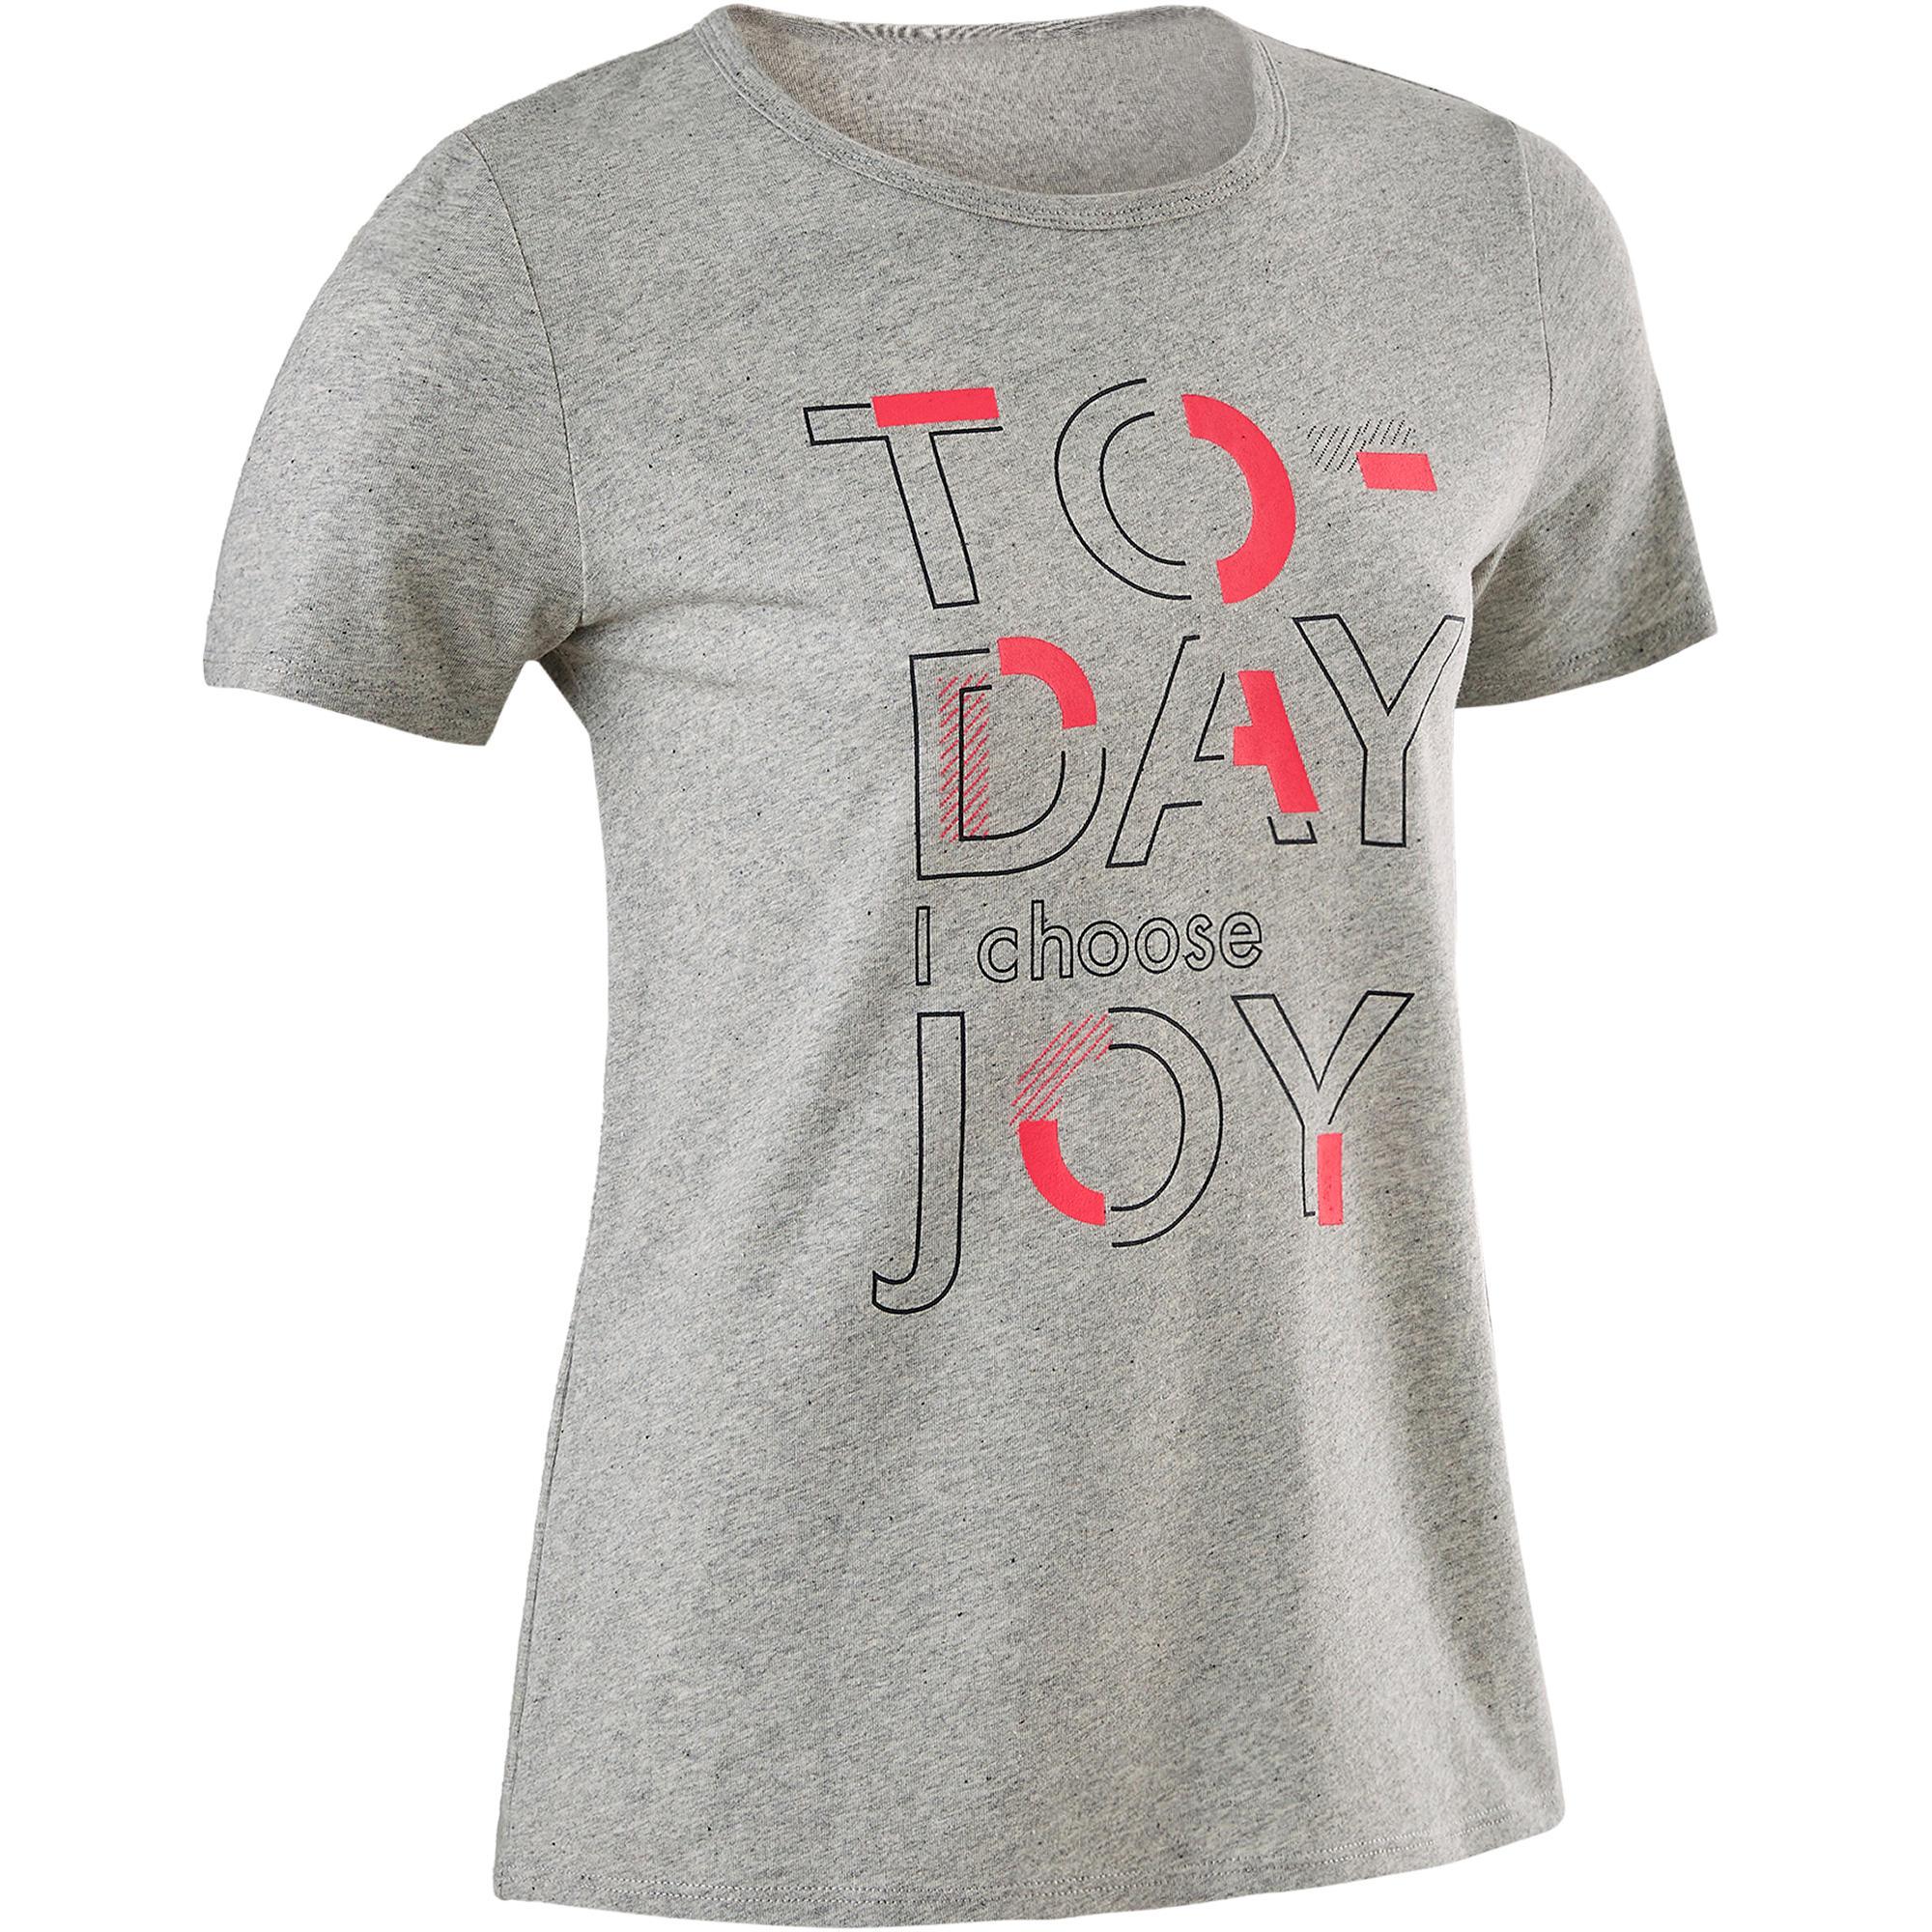 T shirt manches courtes recyclé 100 fille gym enfant gris chiné moyen imprimé domyos